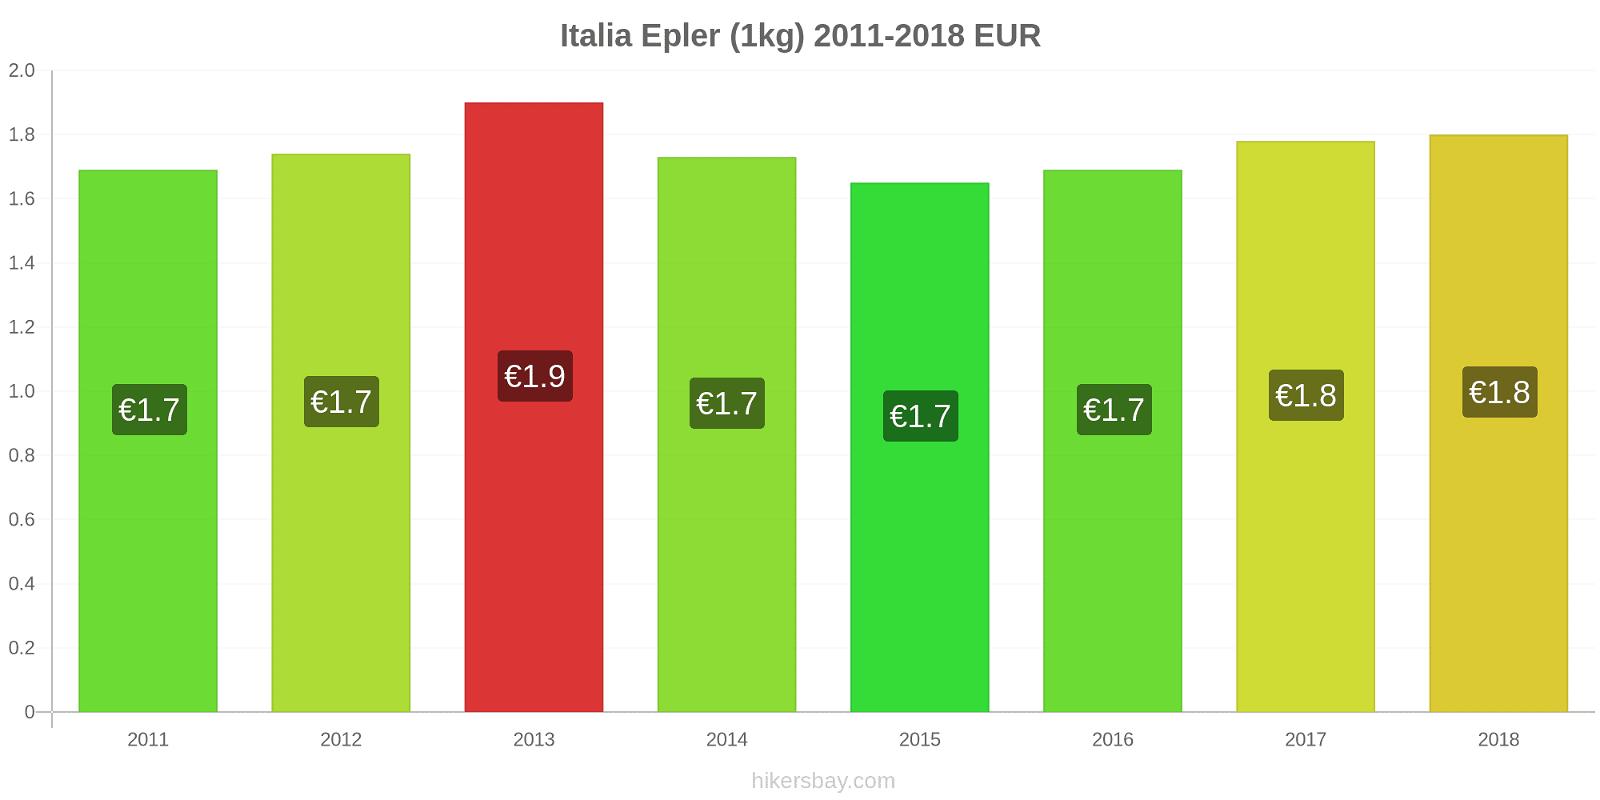 Italia prisendringer Epler (1kg) hikersbay.com